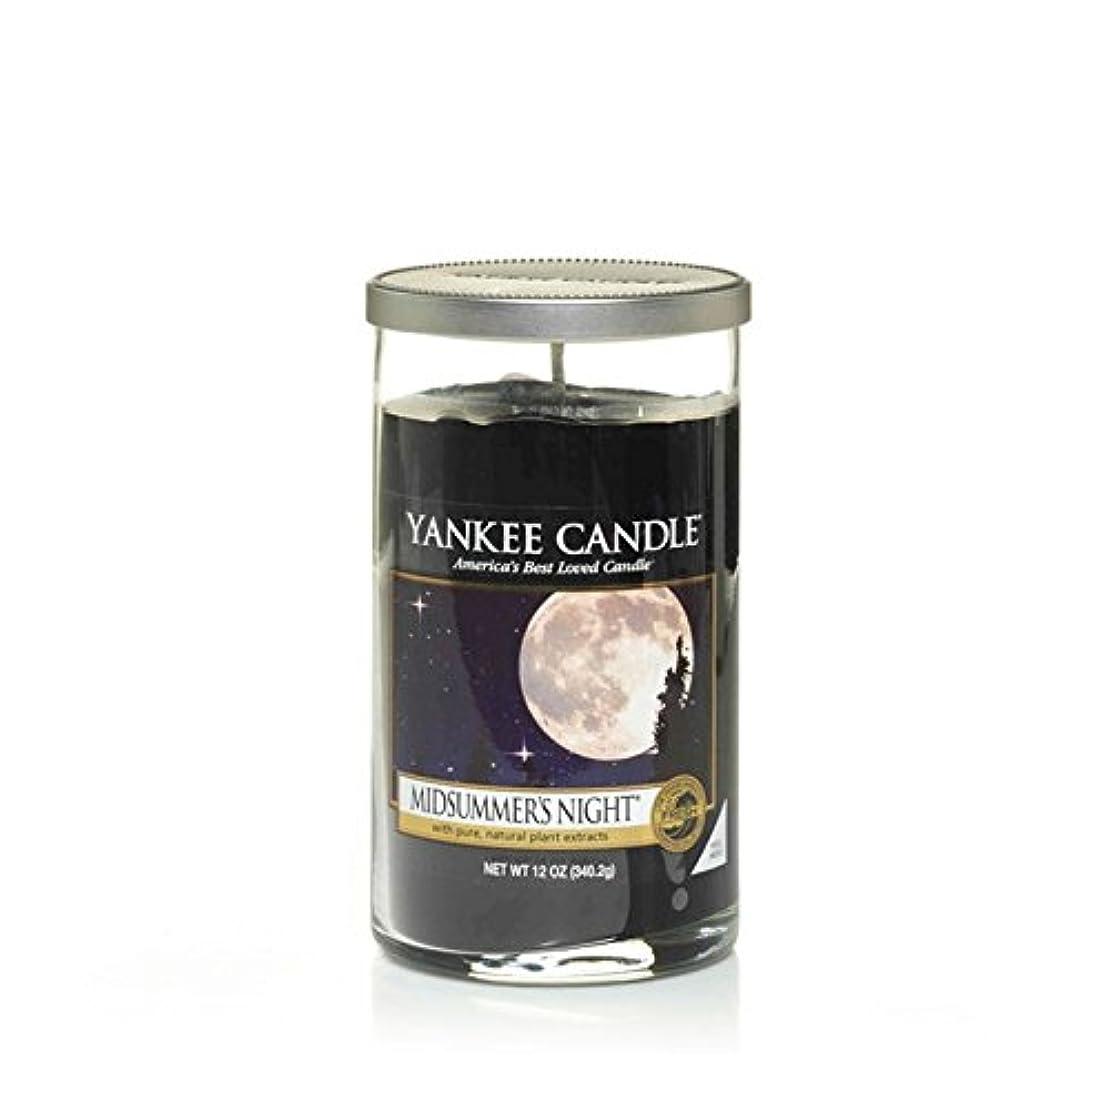 アラート石油ペパーミントヤンキーキャンドルメディアピラーキャンドル - Midsummersの夜 - Yankee Candles Medium Pillar Candle - Midsummers Night (Yankee Candles)...